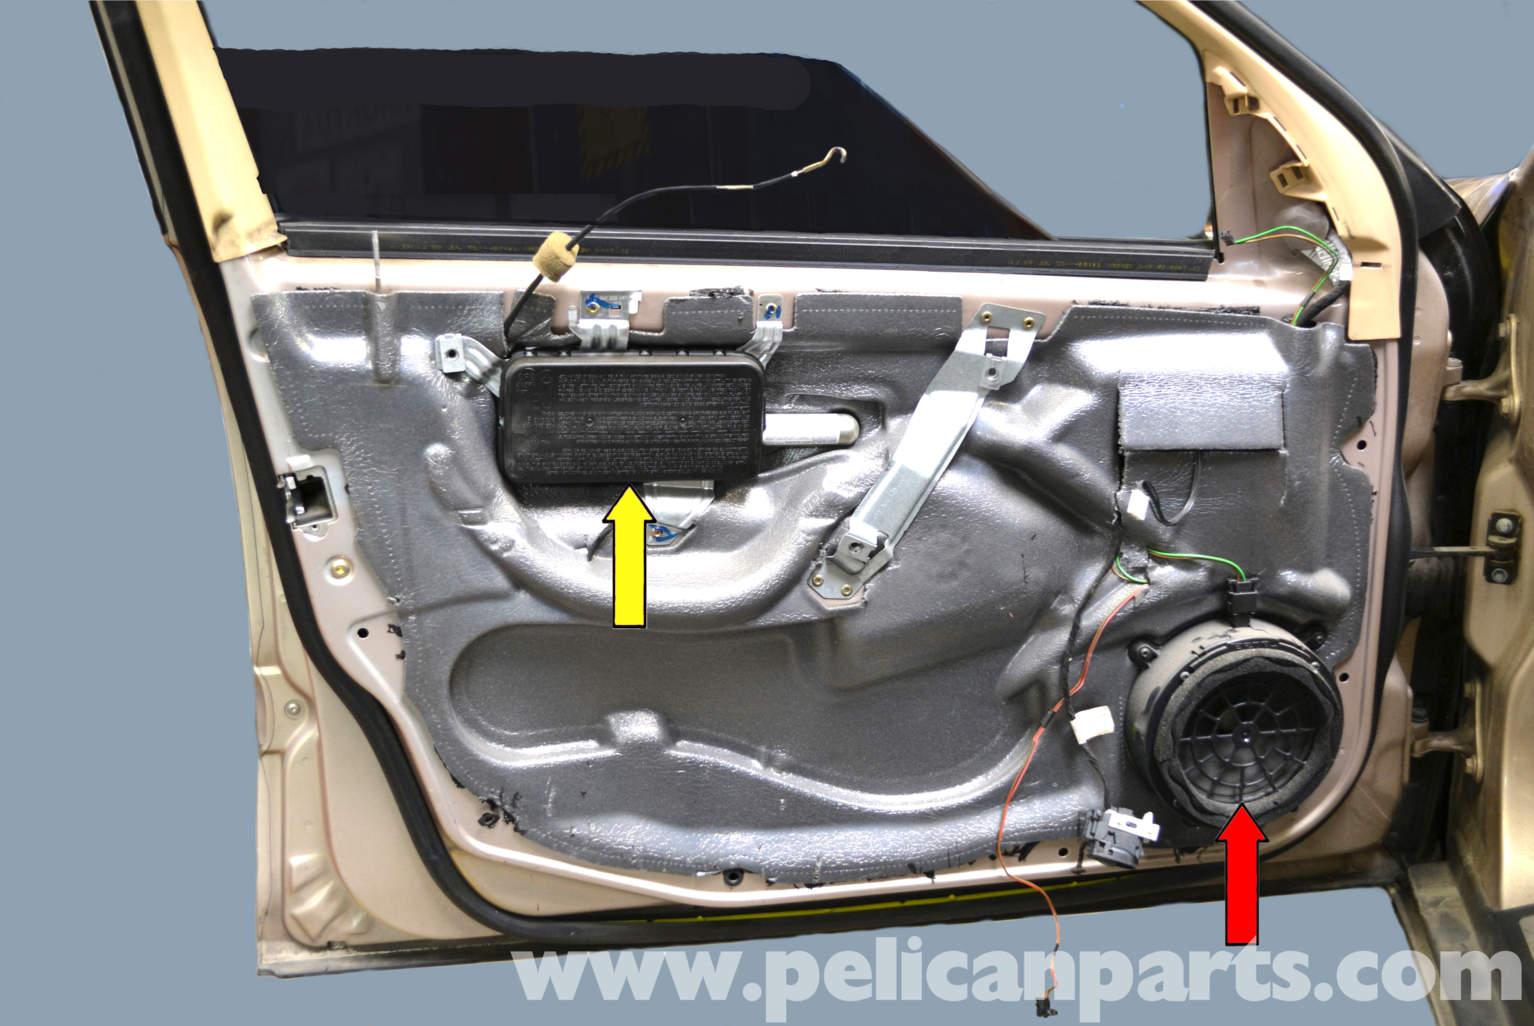 Mercedes Benz W203 Front Window Regulator Replacement